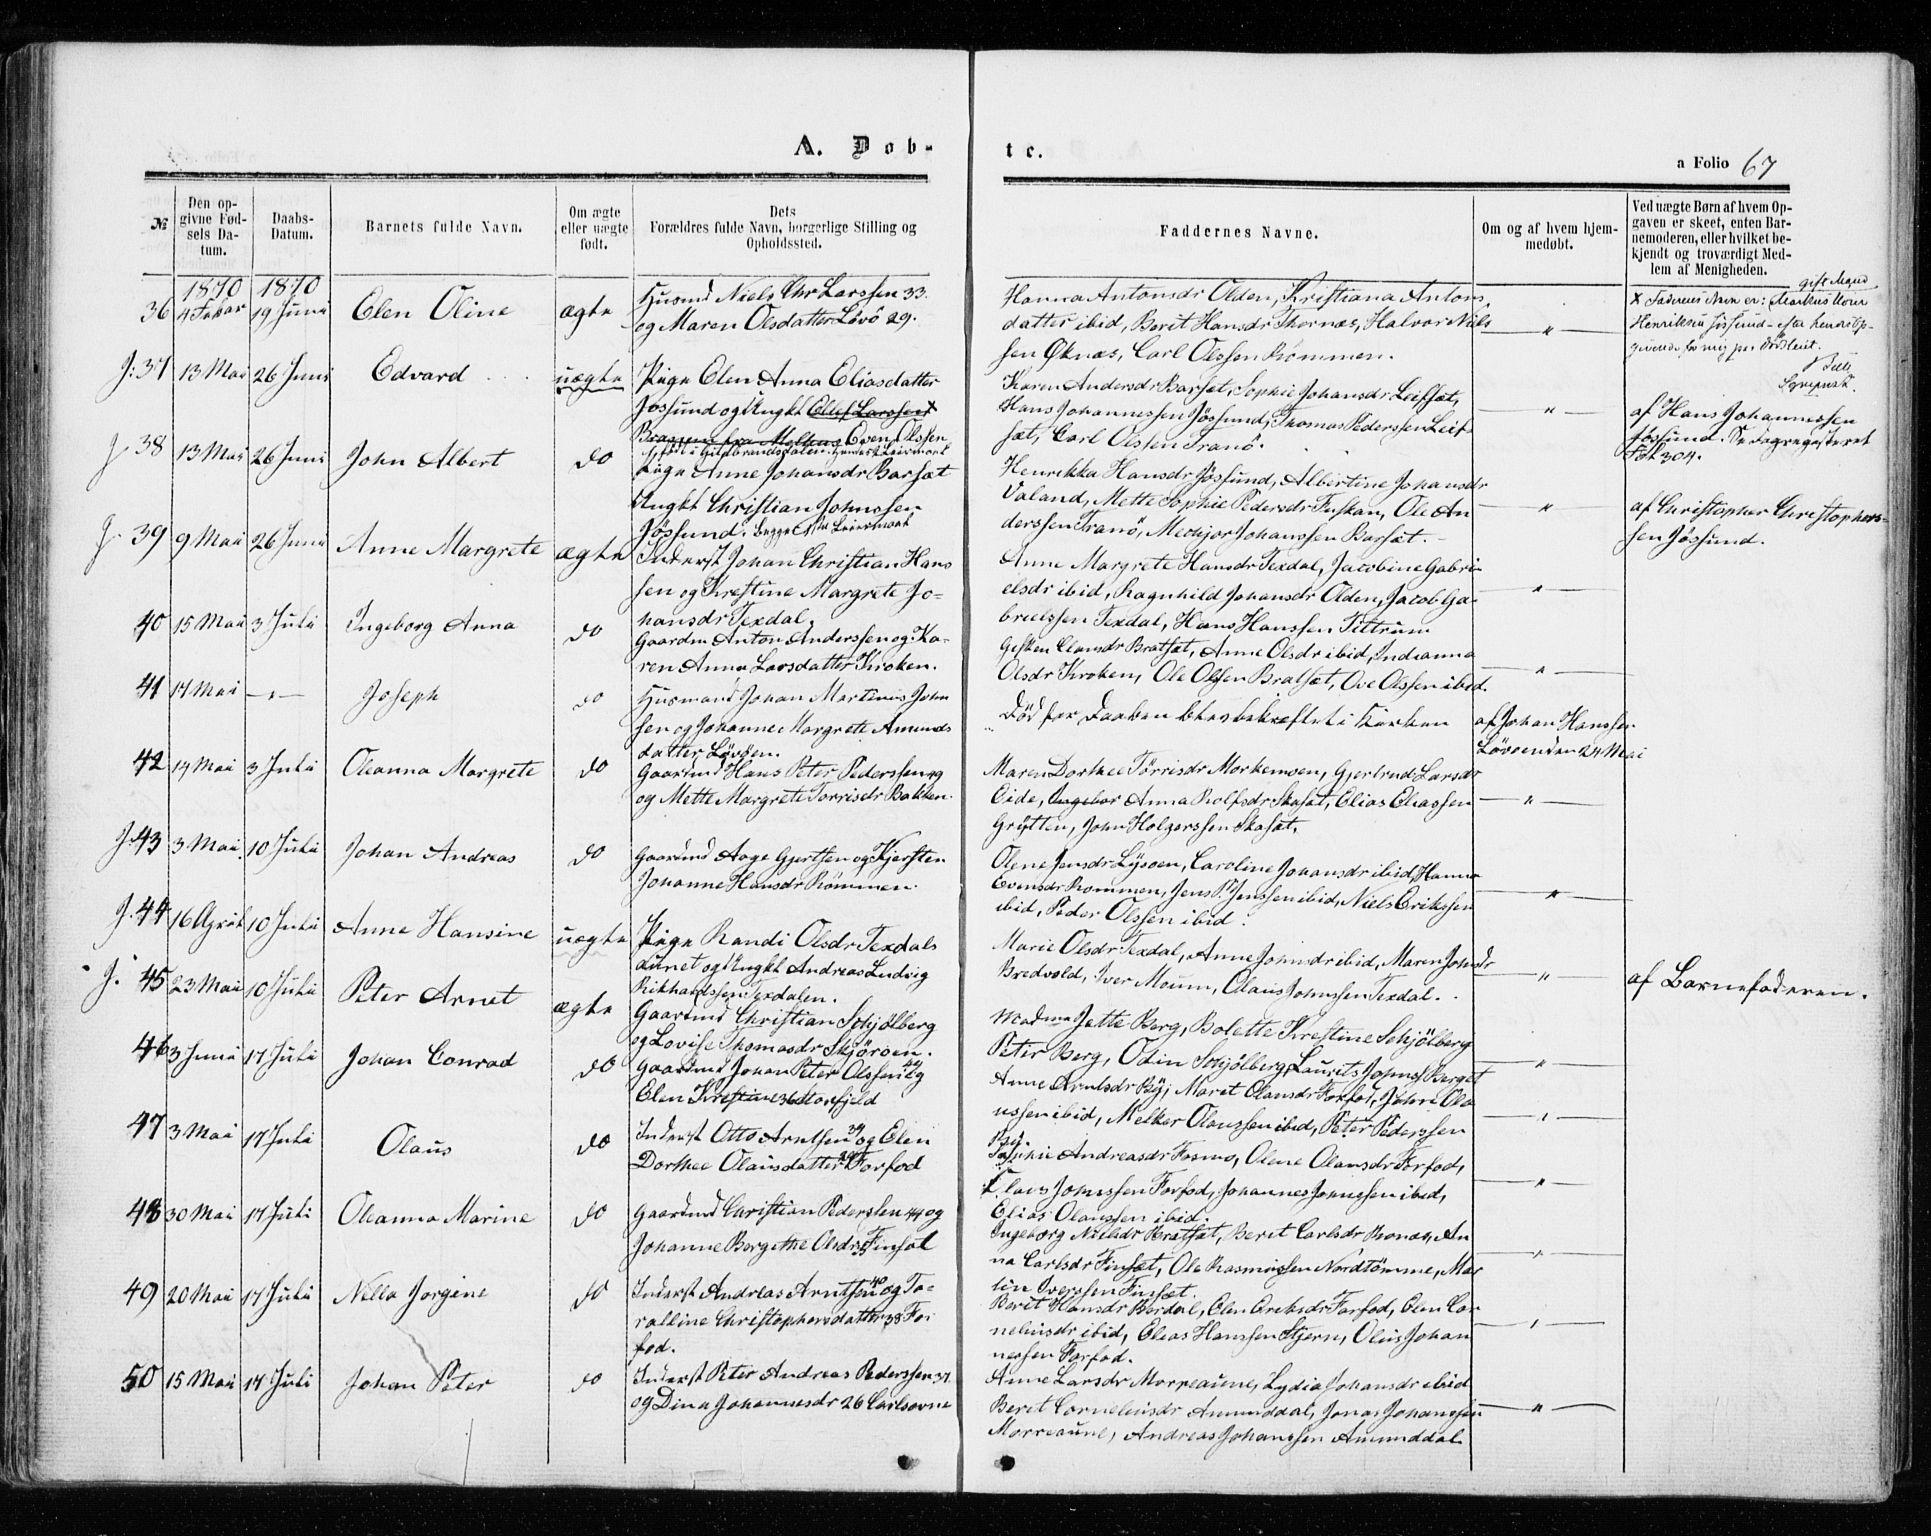 SAT, Ministerialprotokoller, klokkerbøker og fødselsregistre - Sør-Trøndelag, 655/L0678: Ministerialbok nr. 655A07, 1861-1873, s. 67